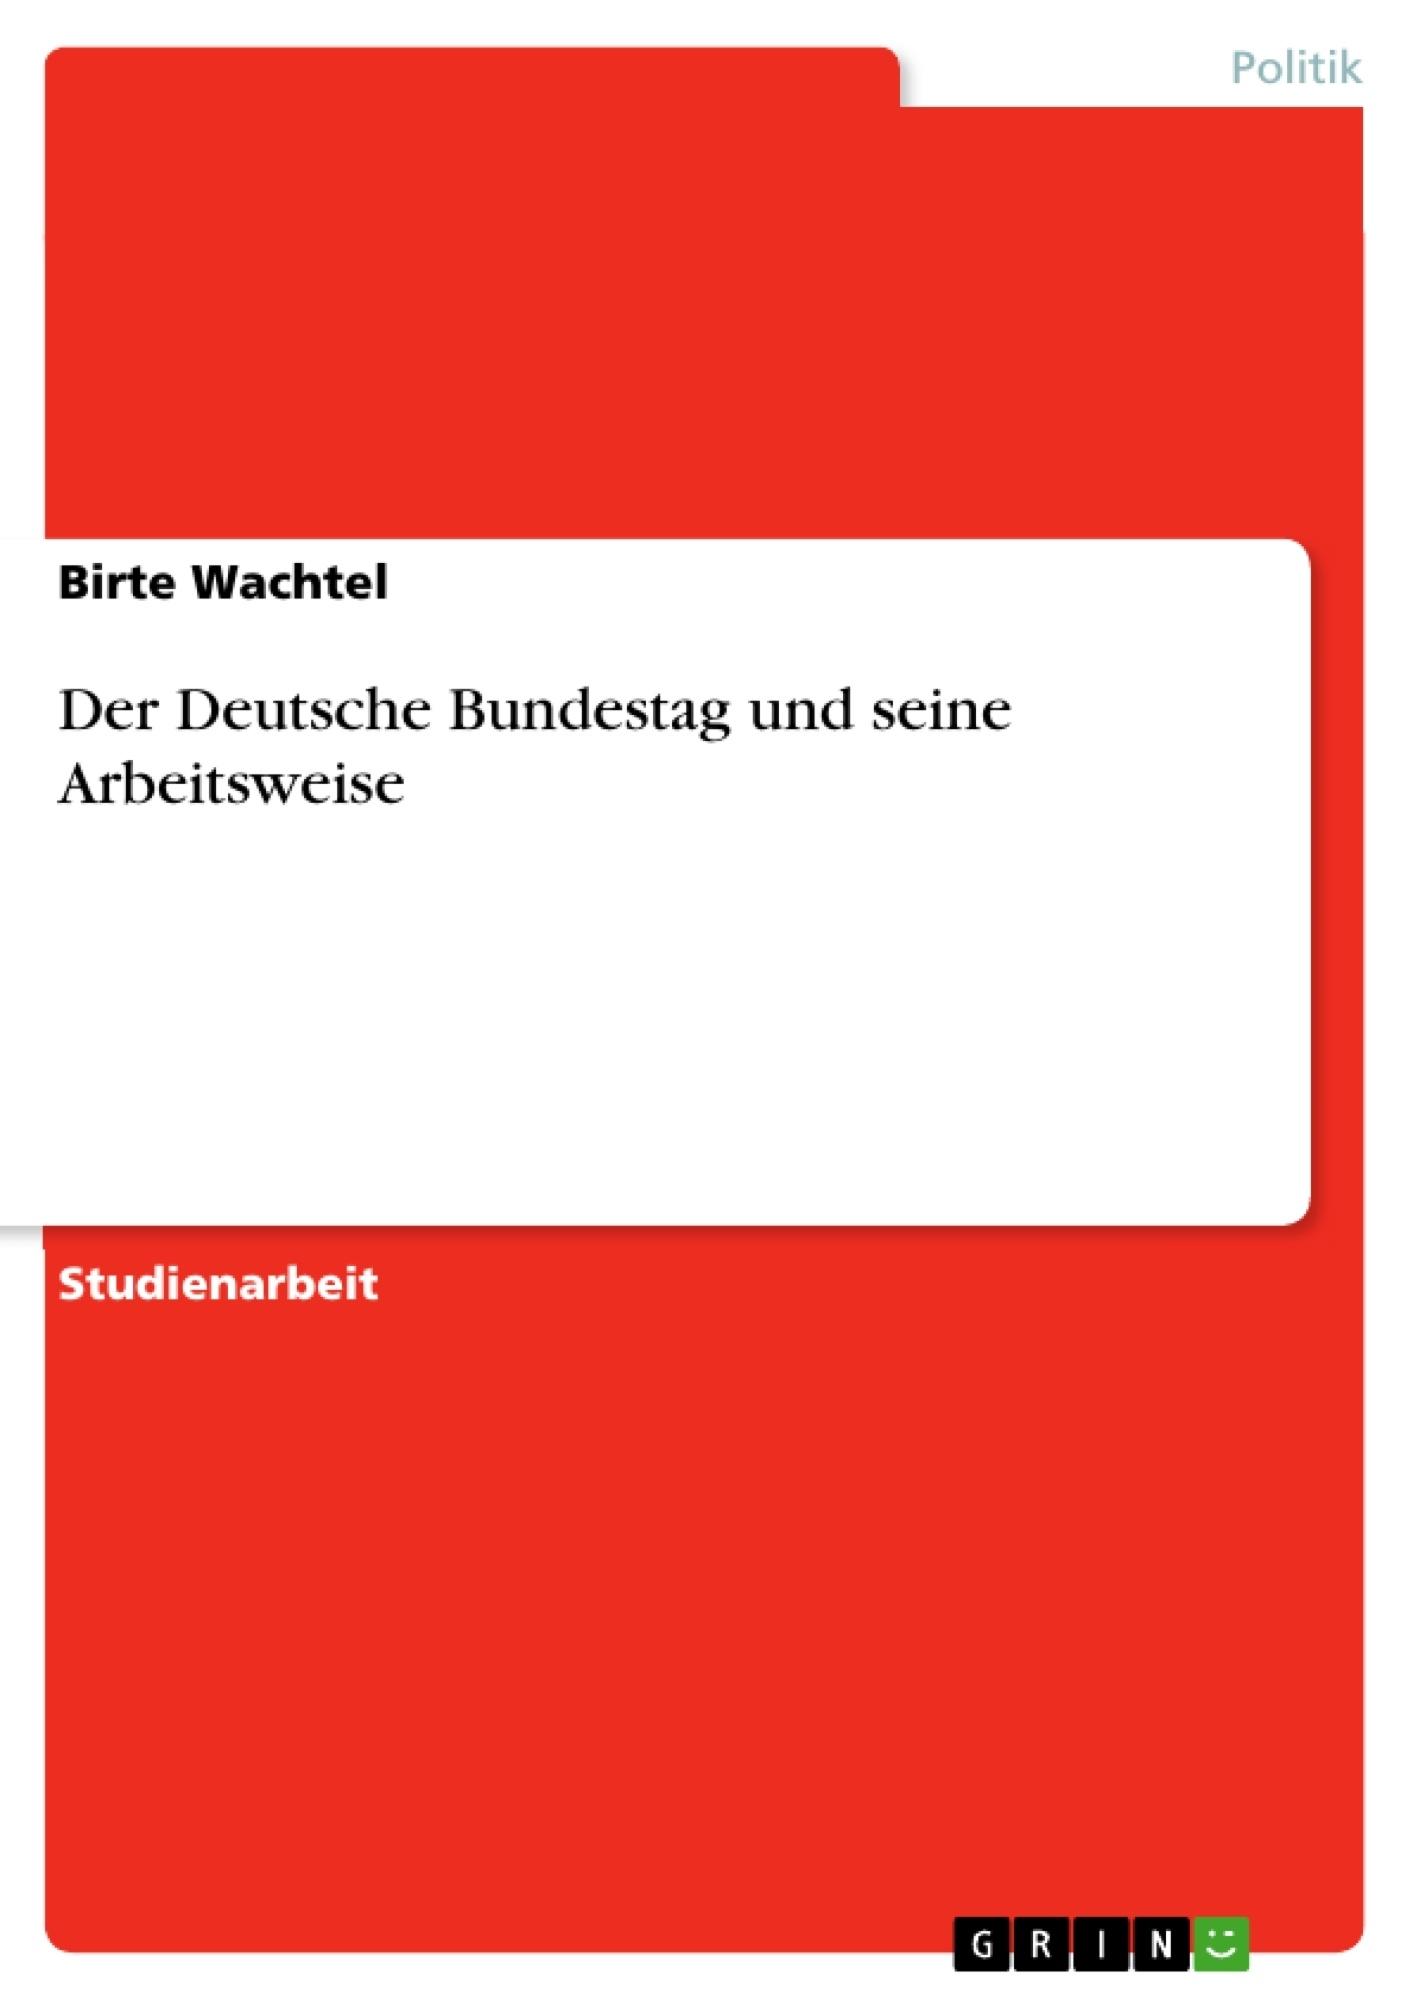 Titel: Der Deutsche Bundestag und seine Arbeitsweise